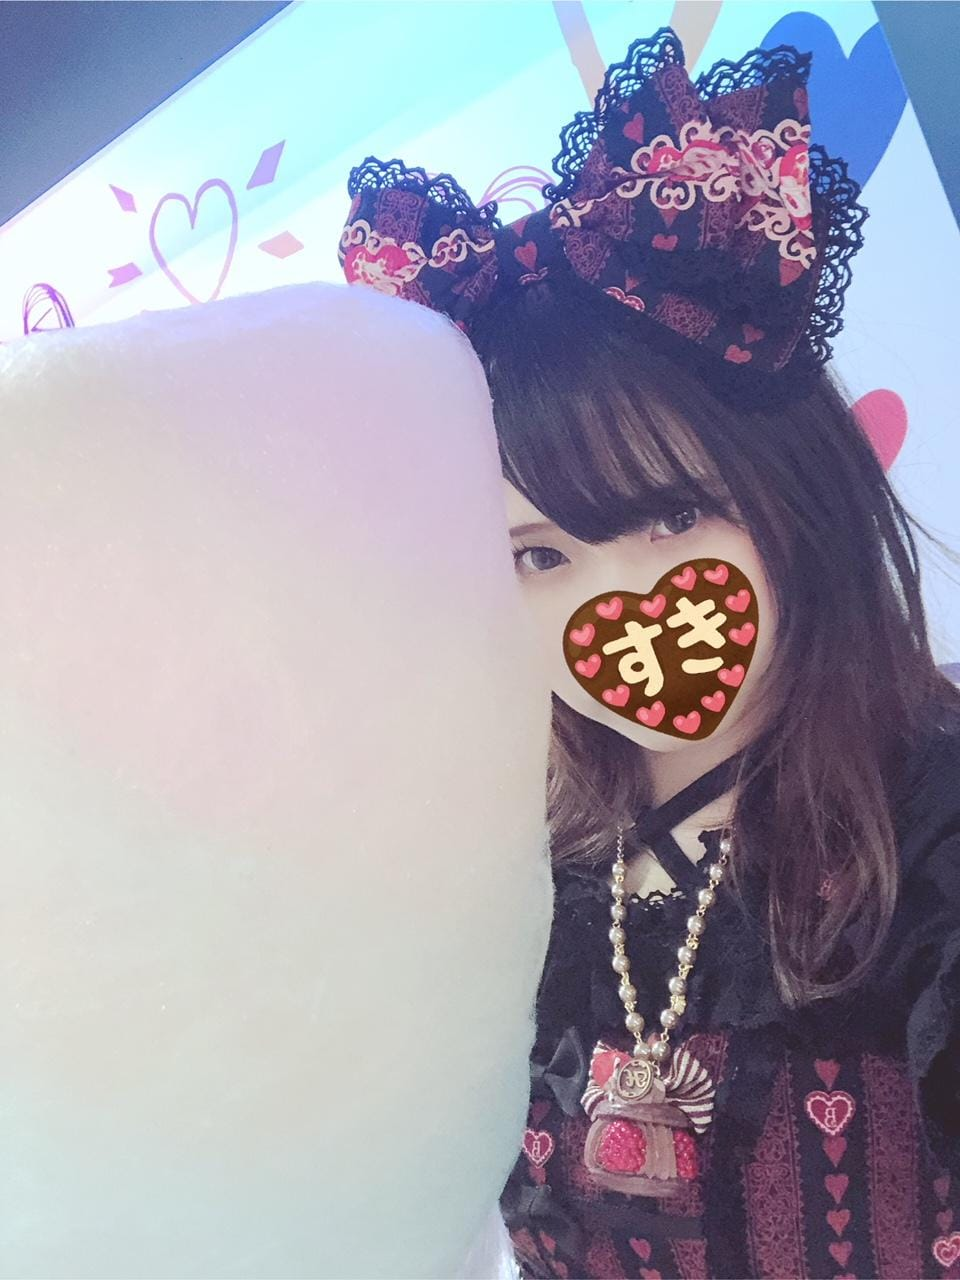 「ふわふわ〜!」06/22(06/22) 11:21 | なつなの写メ・風俗動画